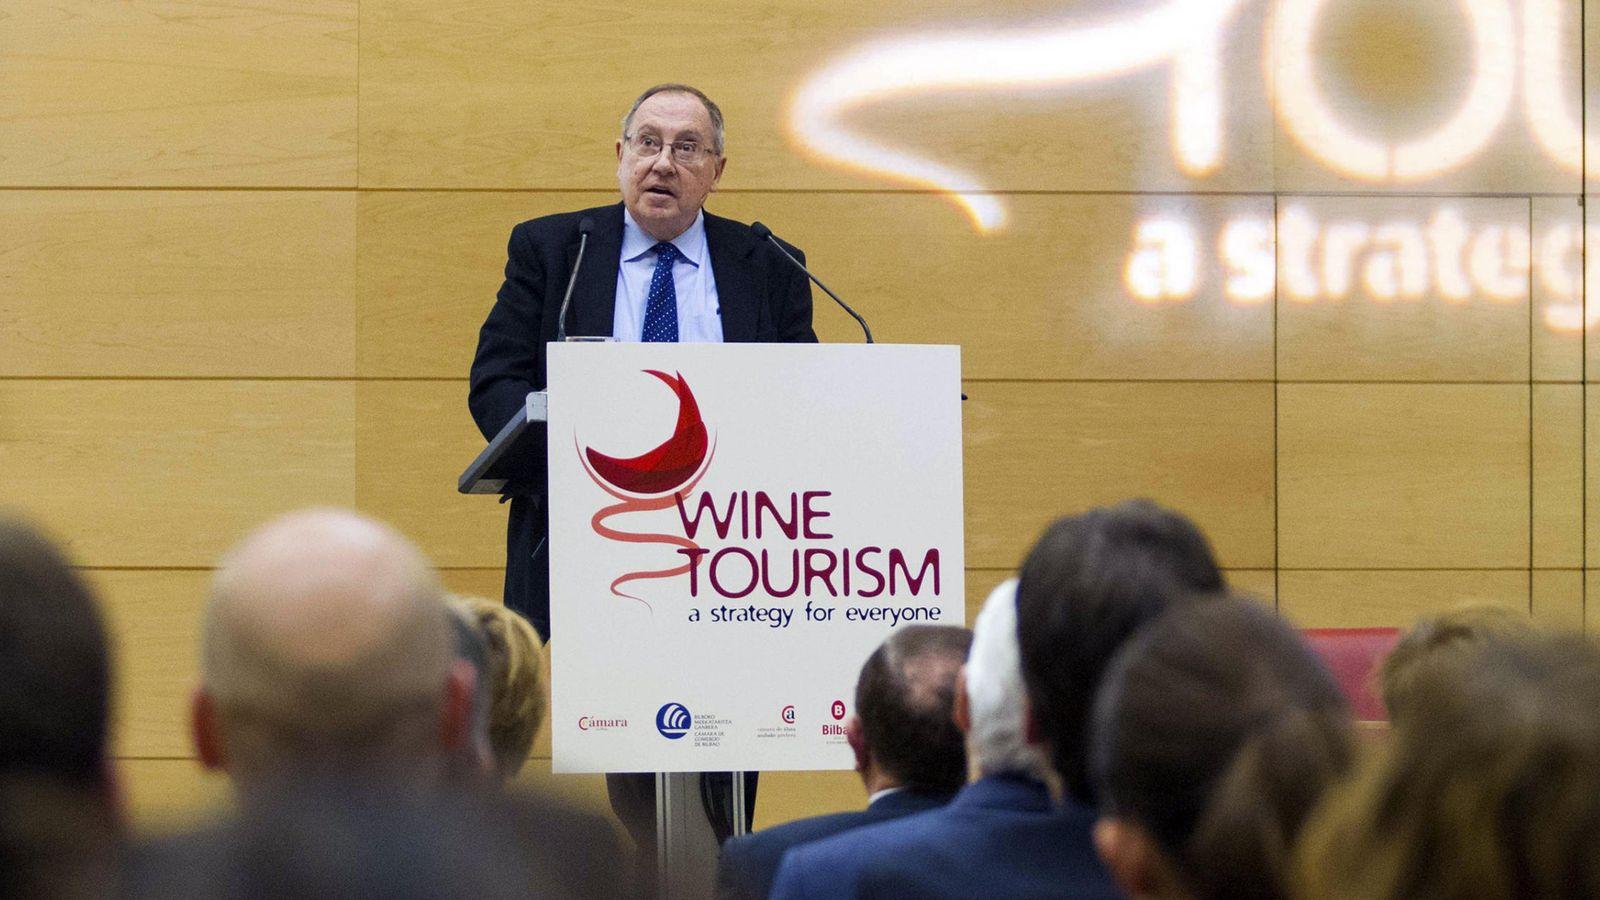 Foto: El presidente del Grupo Freixenet y de la Cámara de Comercio de España, José Luis Bonet. (EFE)